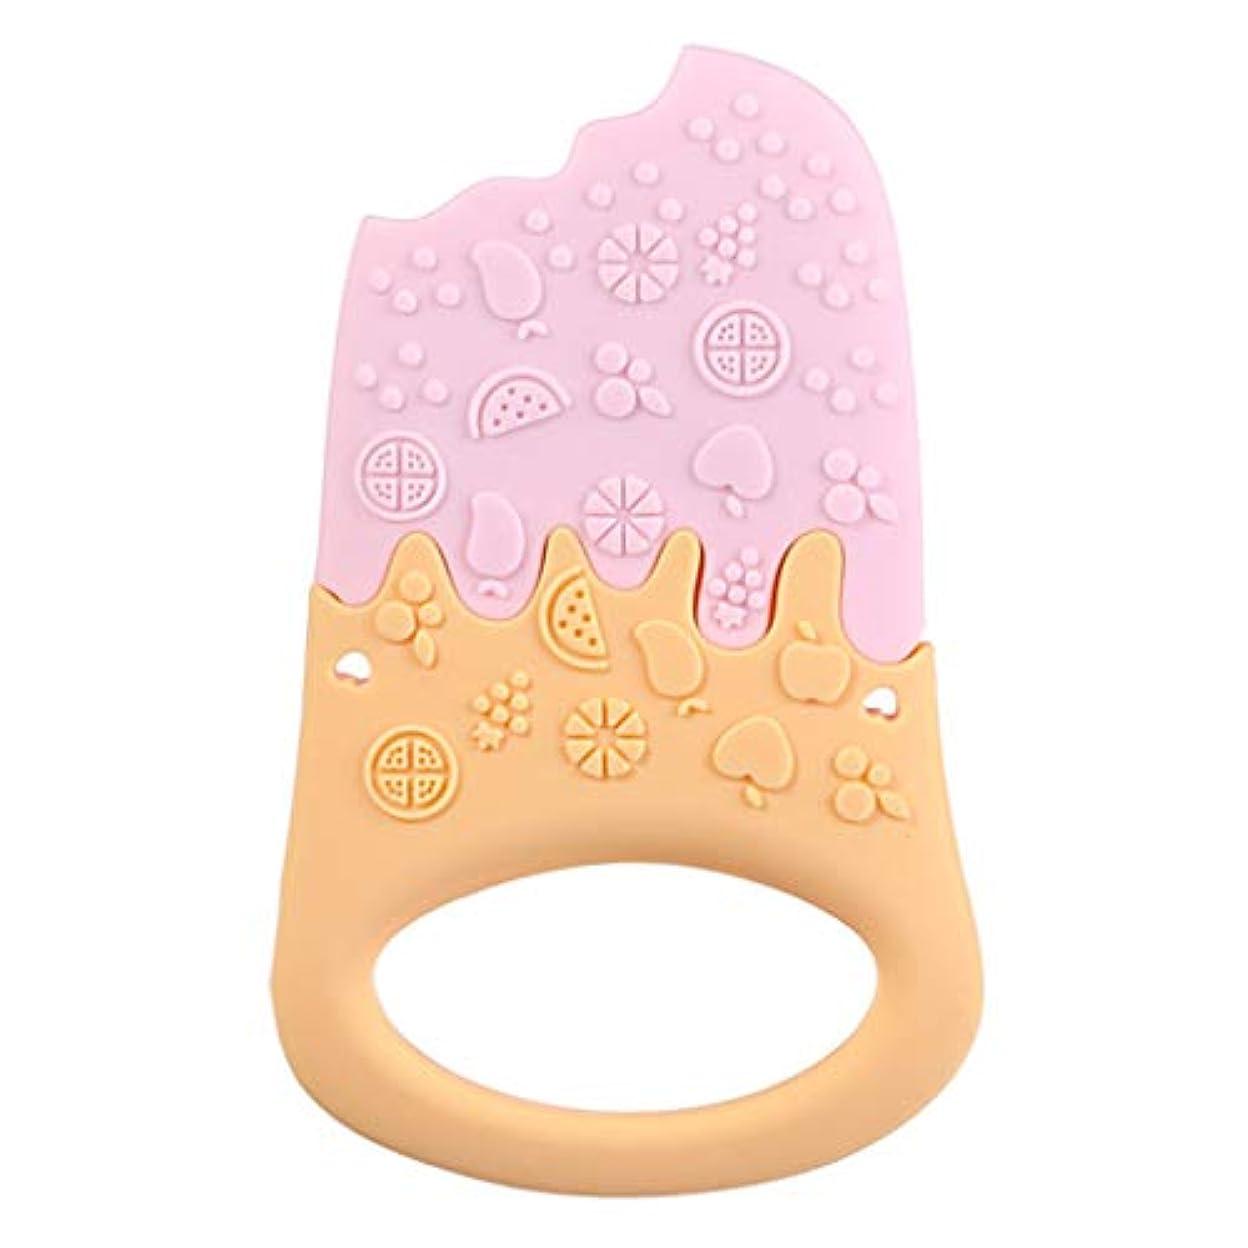 する必要がある販売員バランスLanddumシリコーンティーザーアイスクリームティーザー赤ちゃん看護玩具かむ玩具歯が生えるガラガラおもちゃ - 青